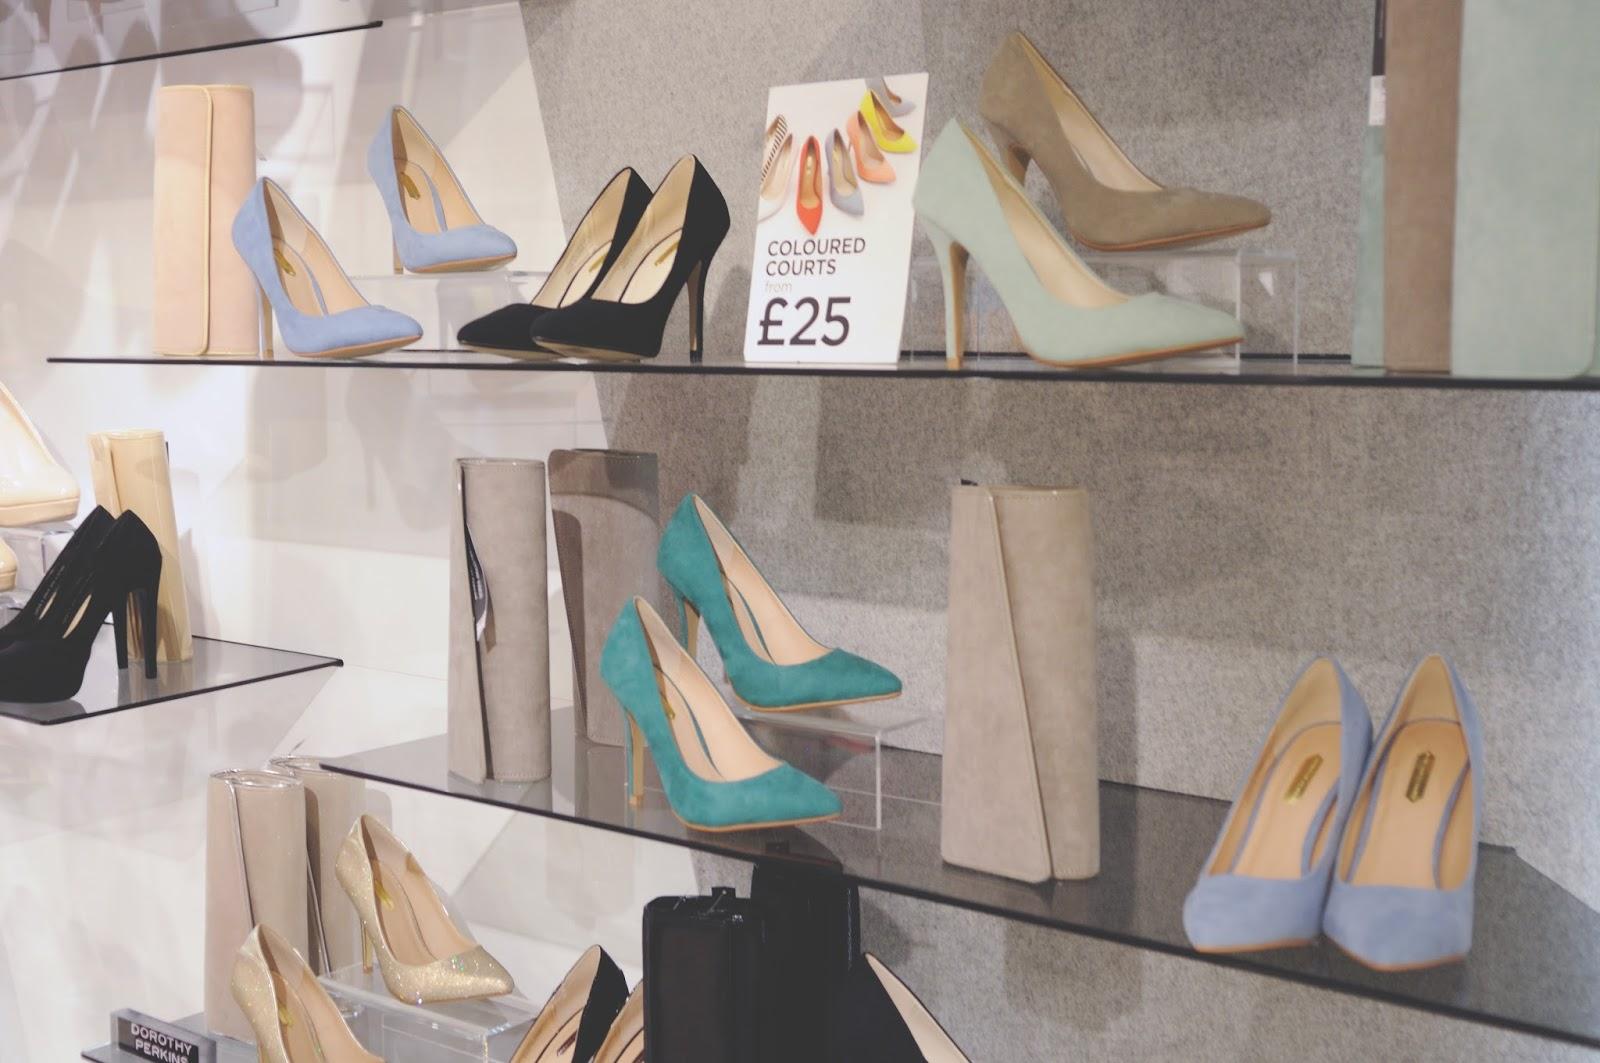 pastel coloured court shoes